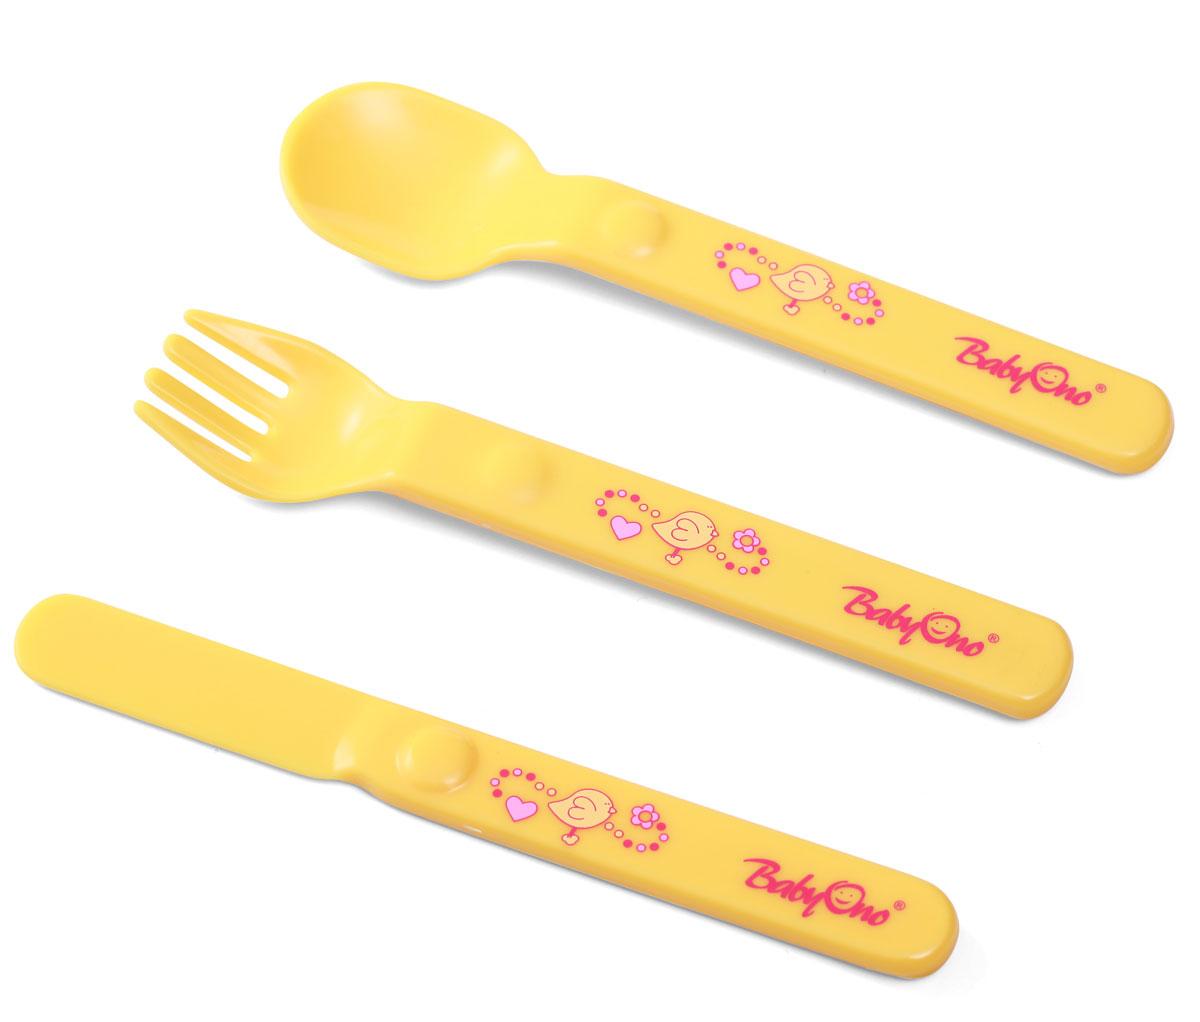 BabyOno Набор детских столовых приборов цвет желтый 3 предмета248_желтыйНабор детских столовых приборов BabyOno подойдет для подросших деток, которые уже пытаются кушать самостоятельно.Приборы имеют насыщенный приятный цвет; края ложечки и вилочки не травмирует десна. У столовых приборов удобные ручки; ножик совершенно безопасный. Изделия изготовлены из безопасного пластика, идеальны для освоения навыков самостоятельного приема пищи. Форма столовых предметов рассчитана для маленьких детских ручек.